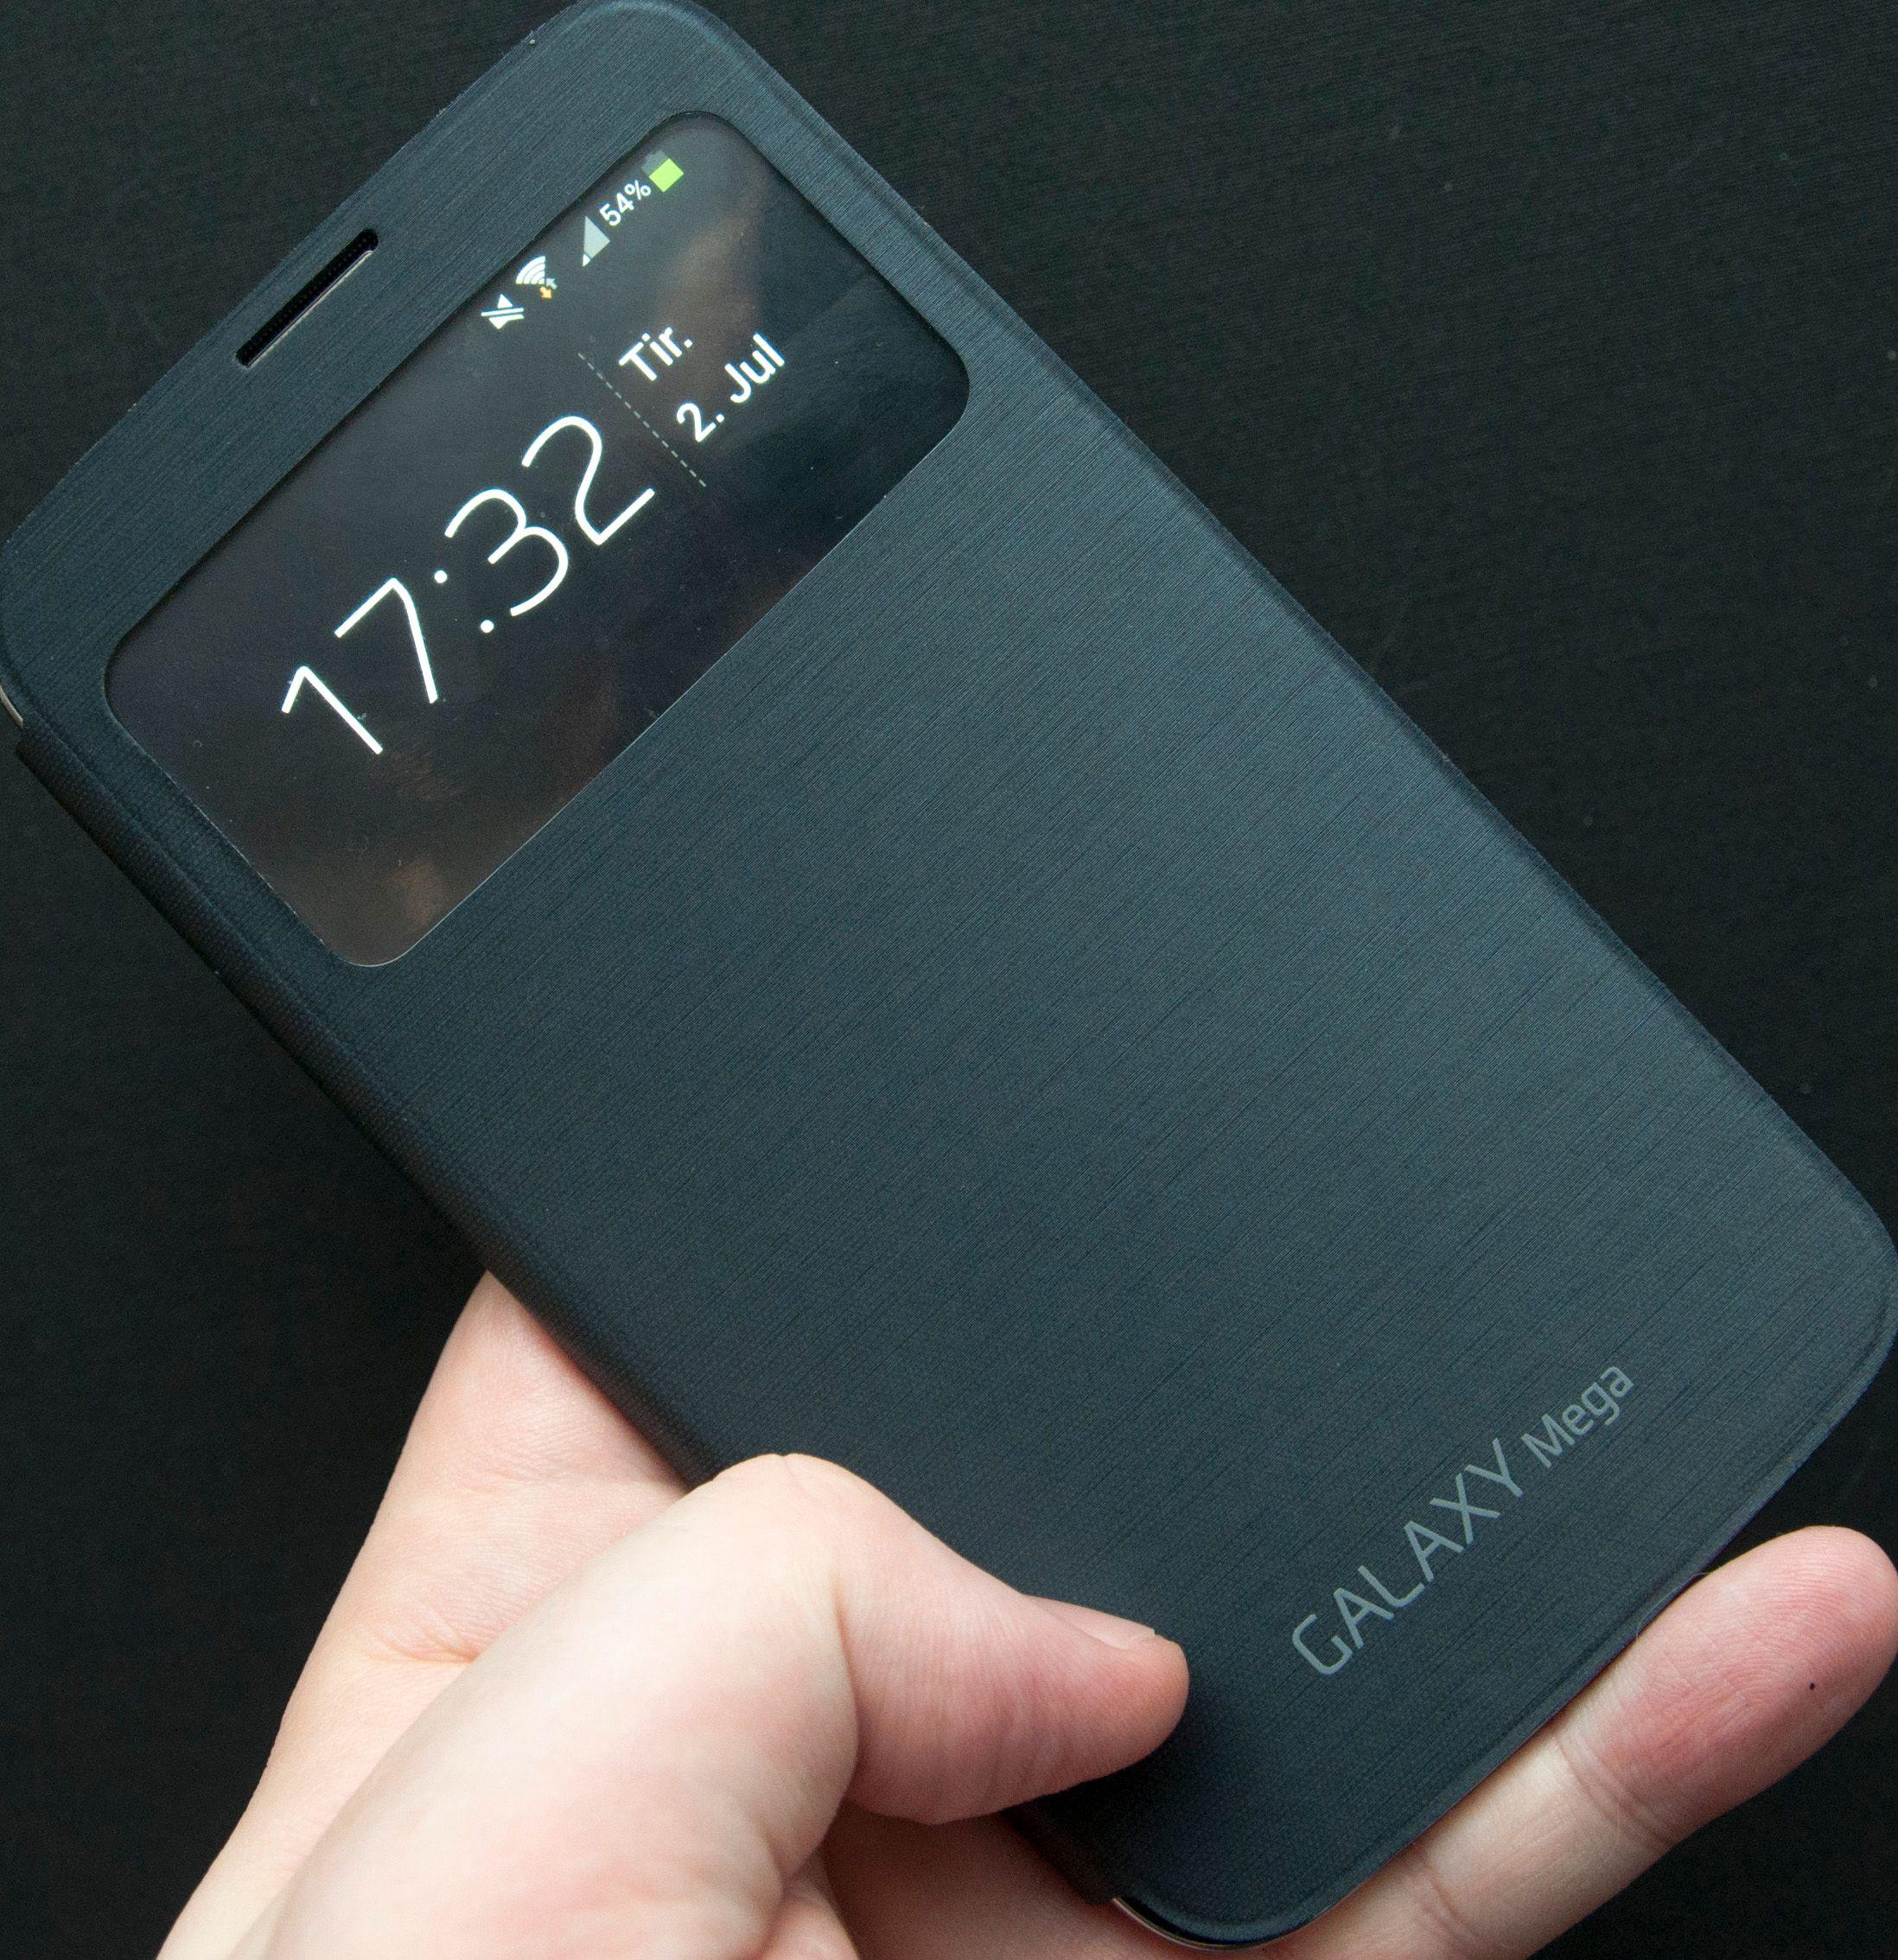 Samsung viderefører flip-dekselet sitt. Dekselet selges utenom som tilbehør, og skrur automatisk skjermen på når det åpnes. Foruten flippen er dekselet identisk med det som følger med telefonen.Foto: Finn Jarle Kvalheim, Amobil.no